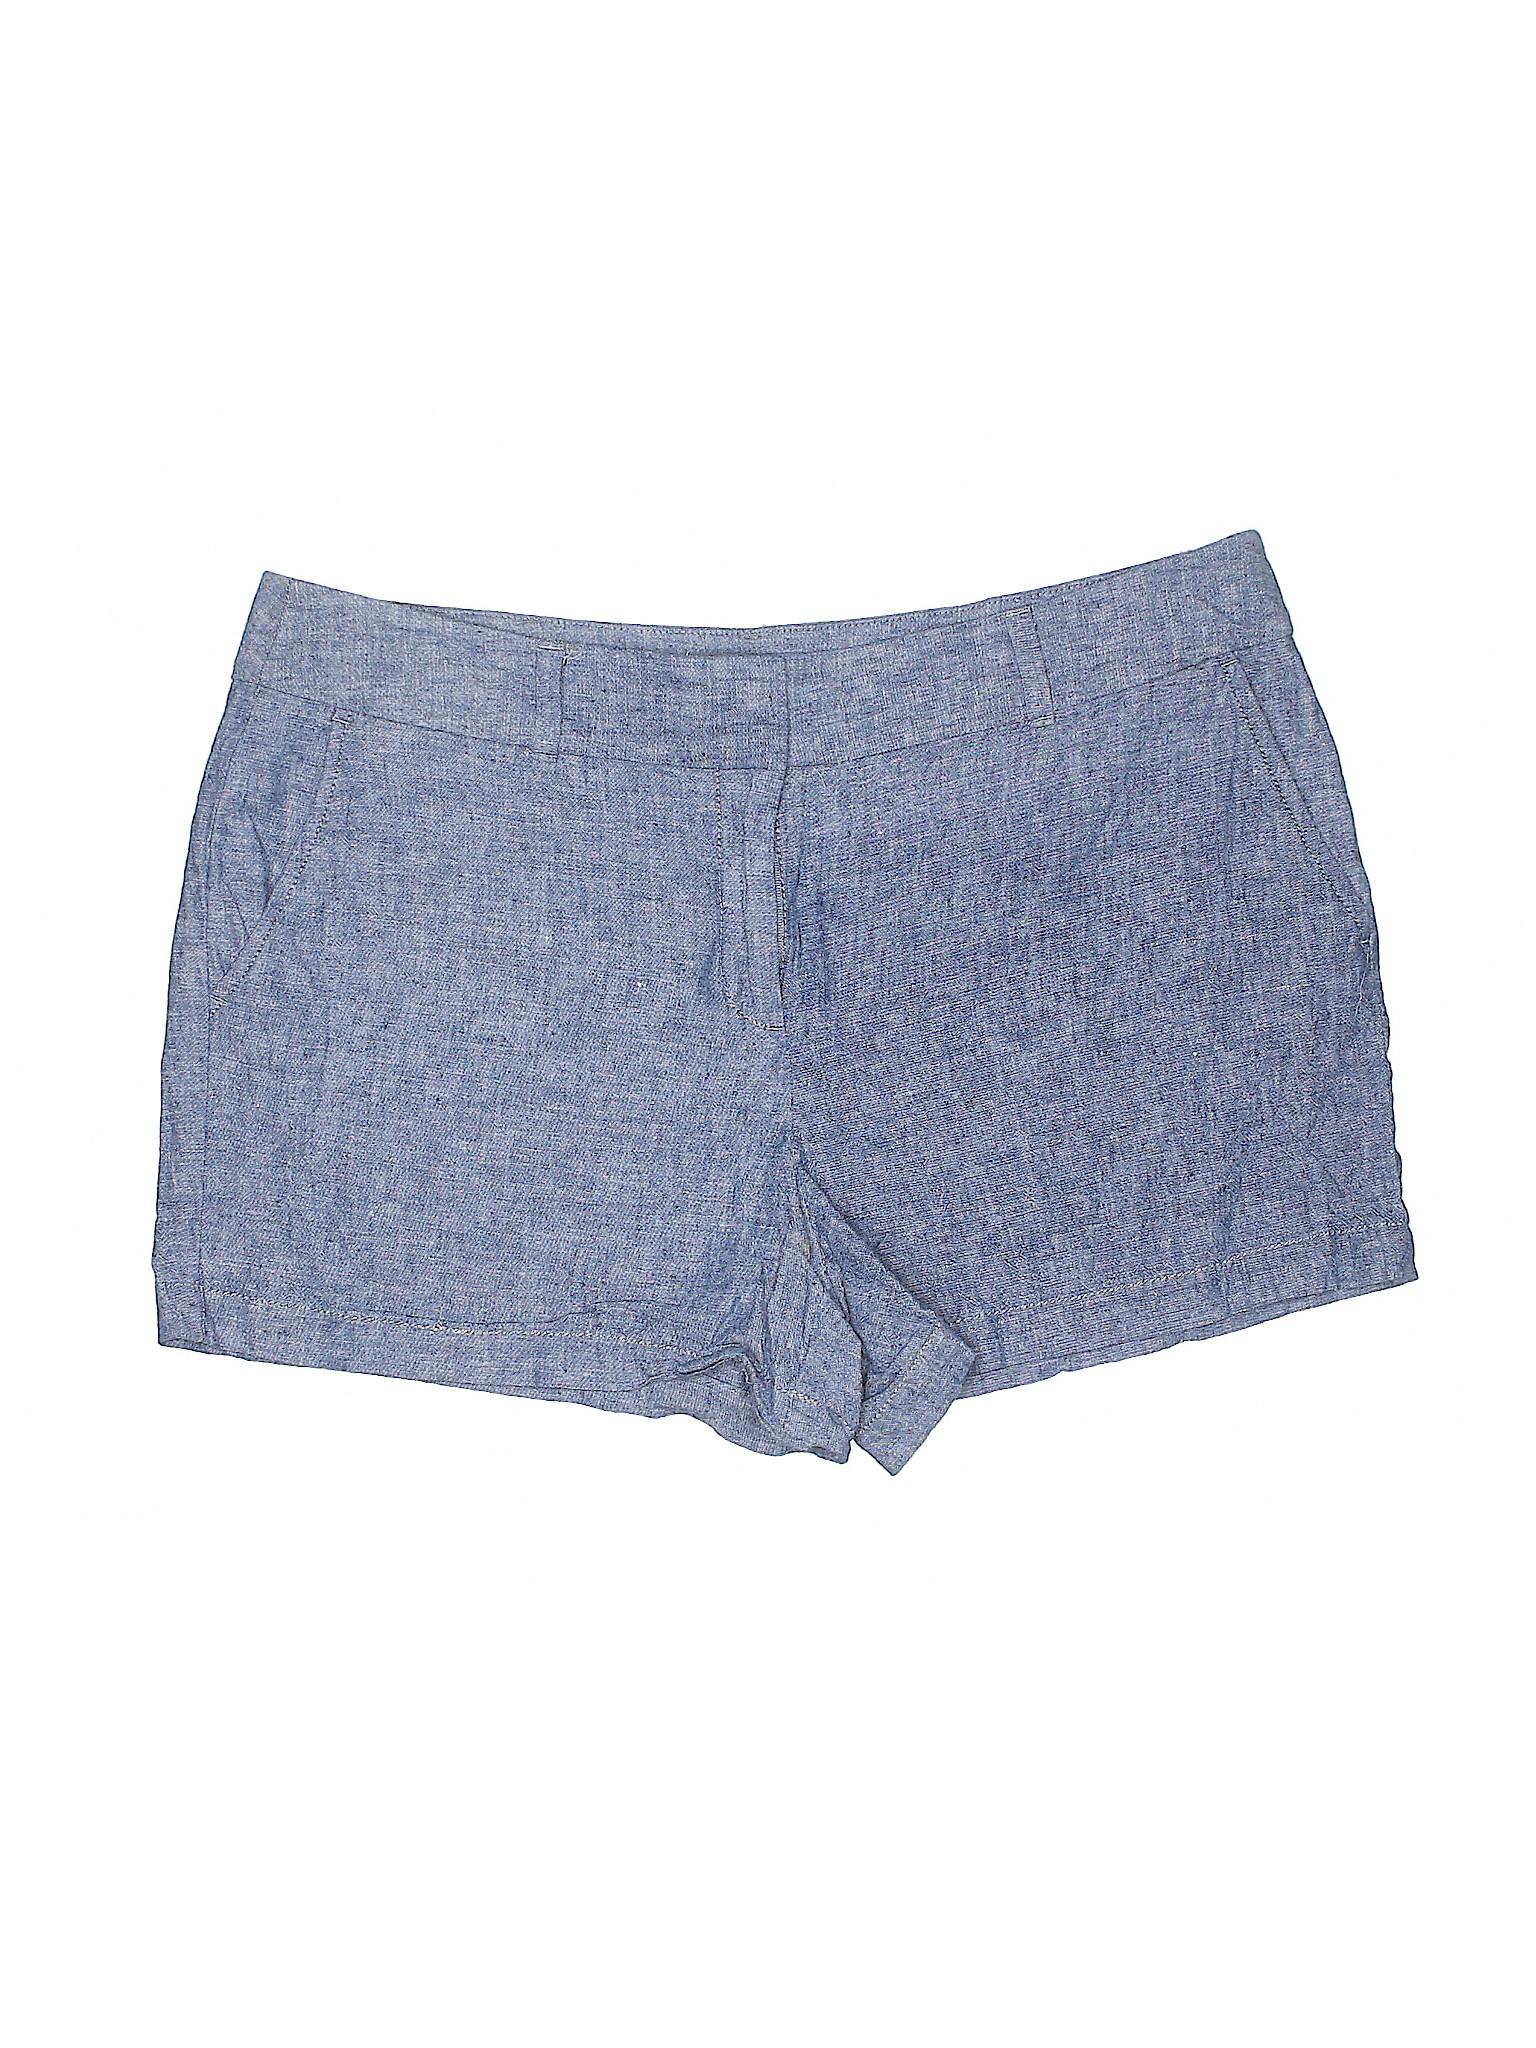 Taylor Shorts Boutique Outlet LOFT Ann wPZqSqxXA